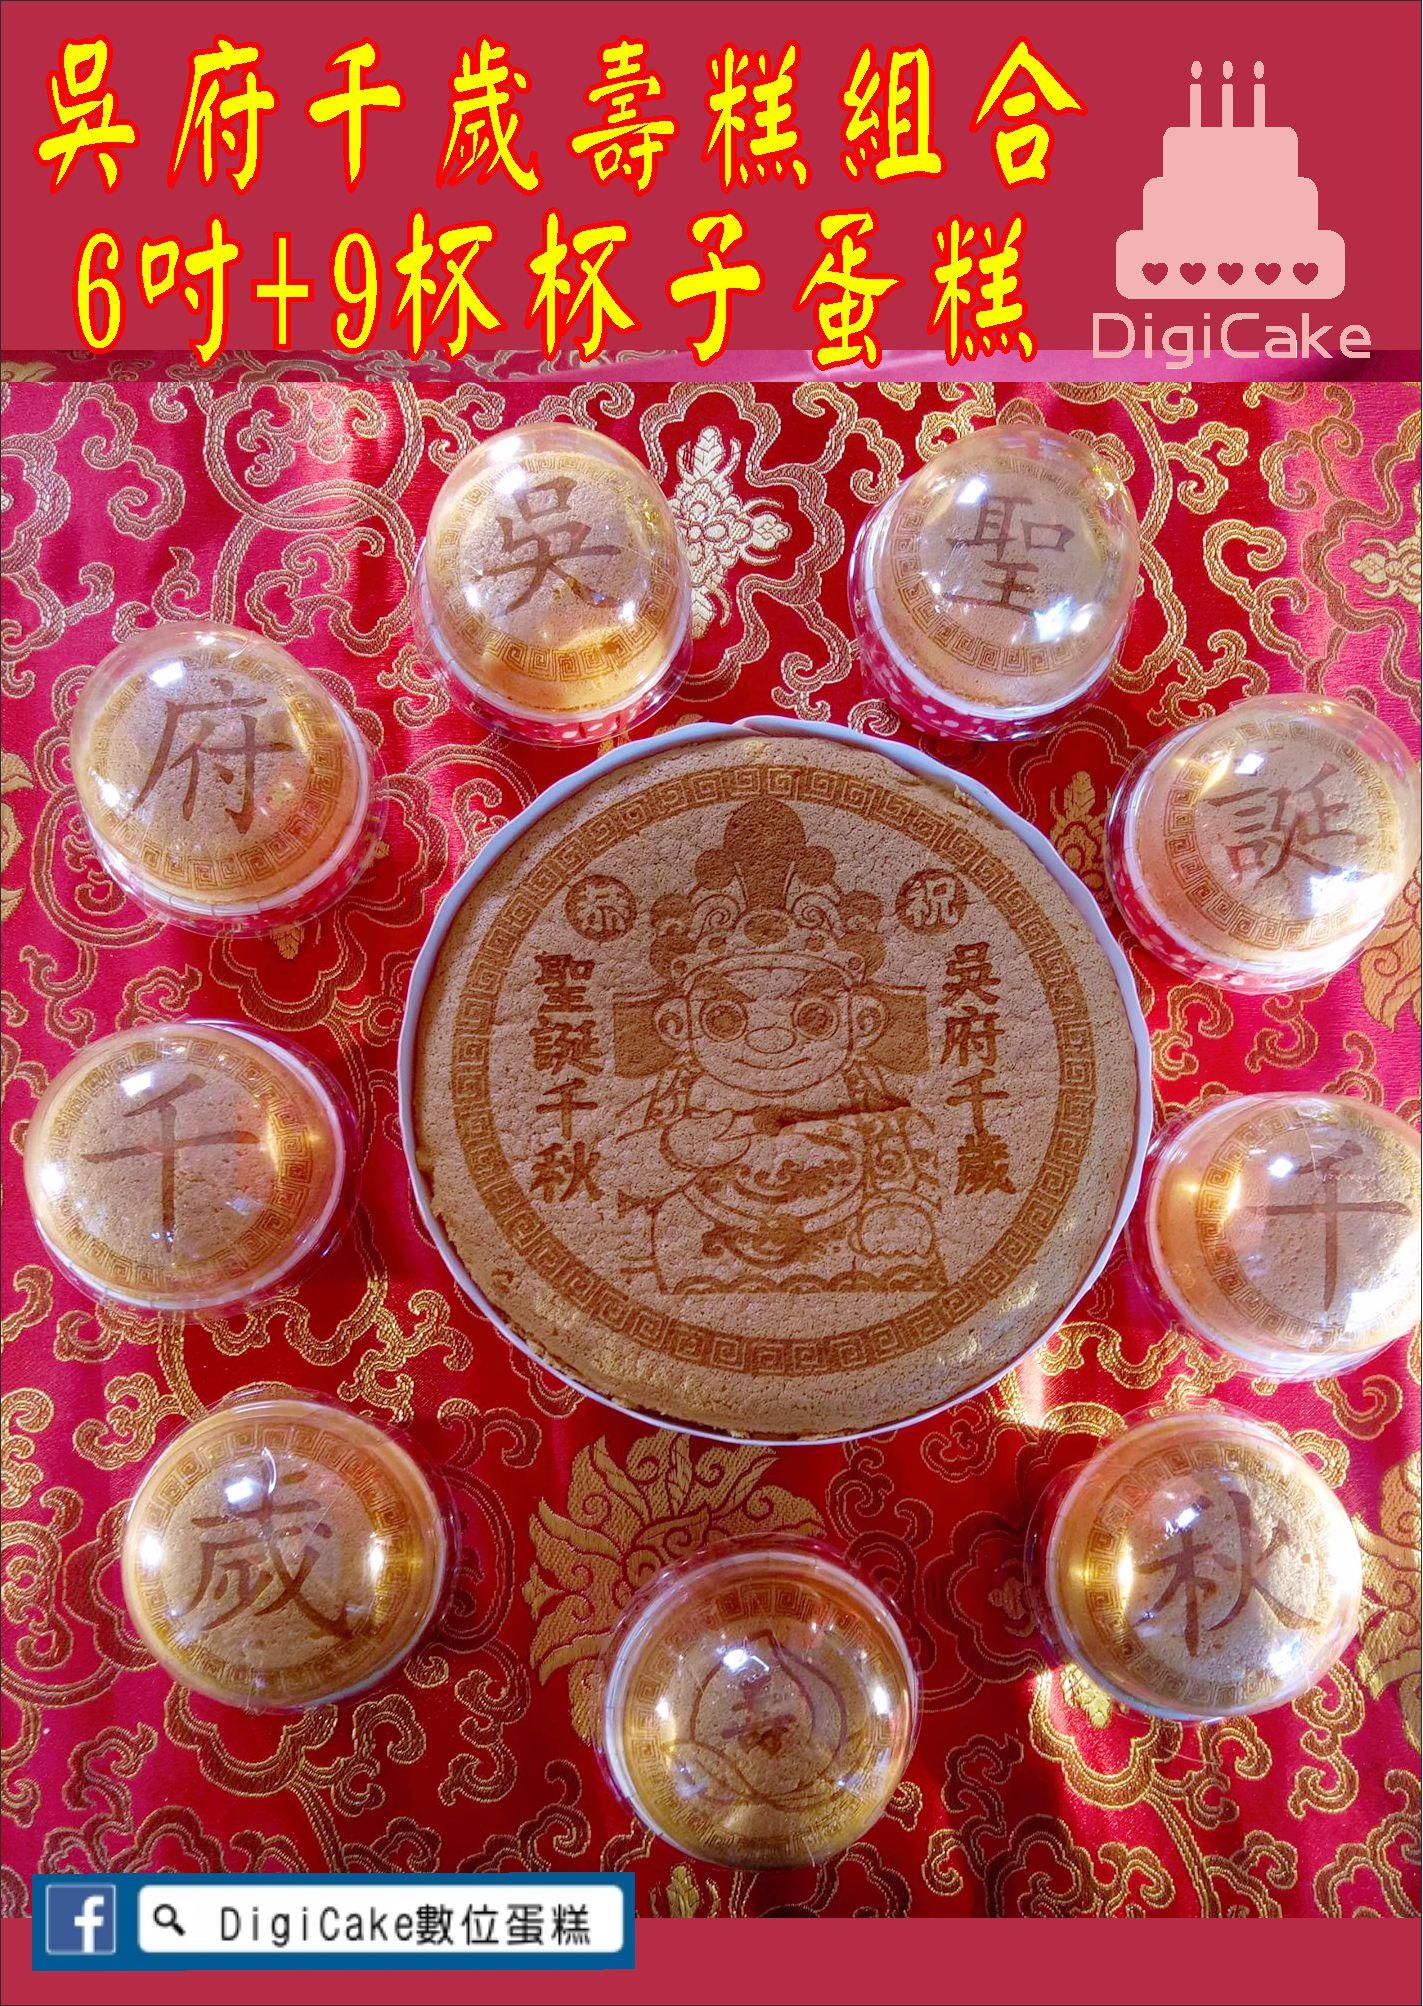 點此進入吳府千歲6吋戚風蛋糕+9杯杯子蛋糕壽糕組合的詳細資料!